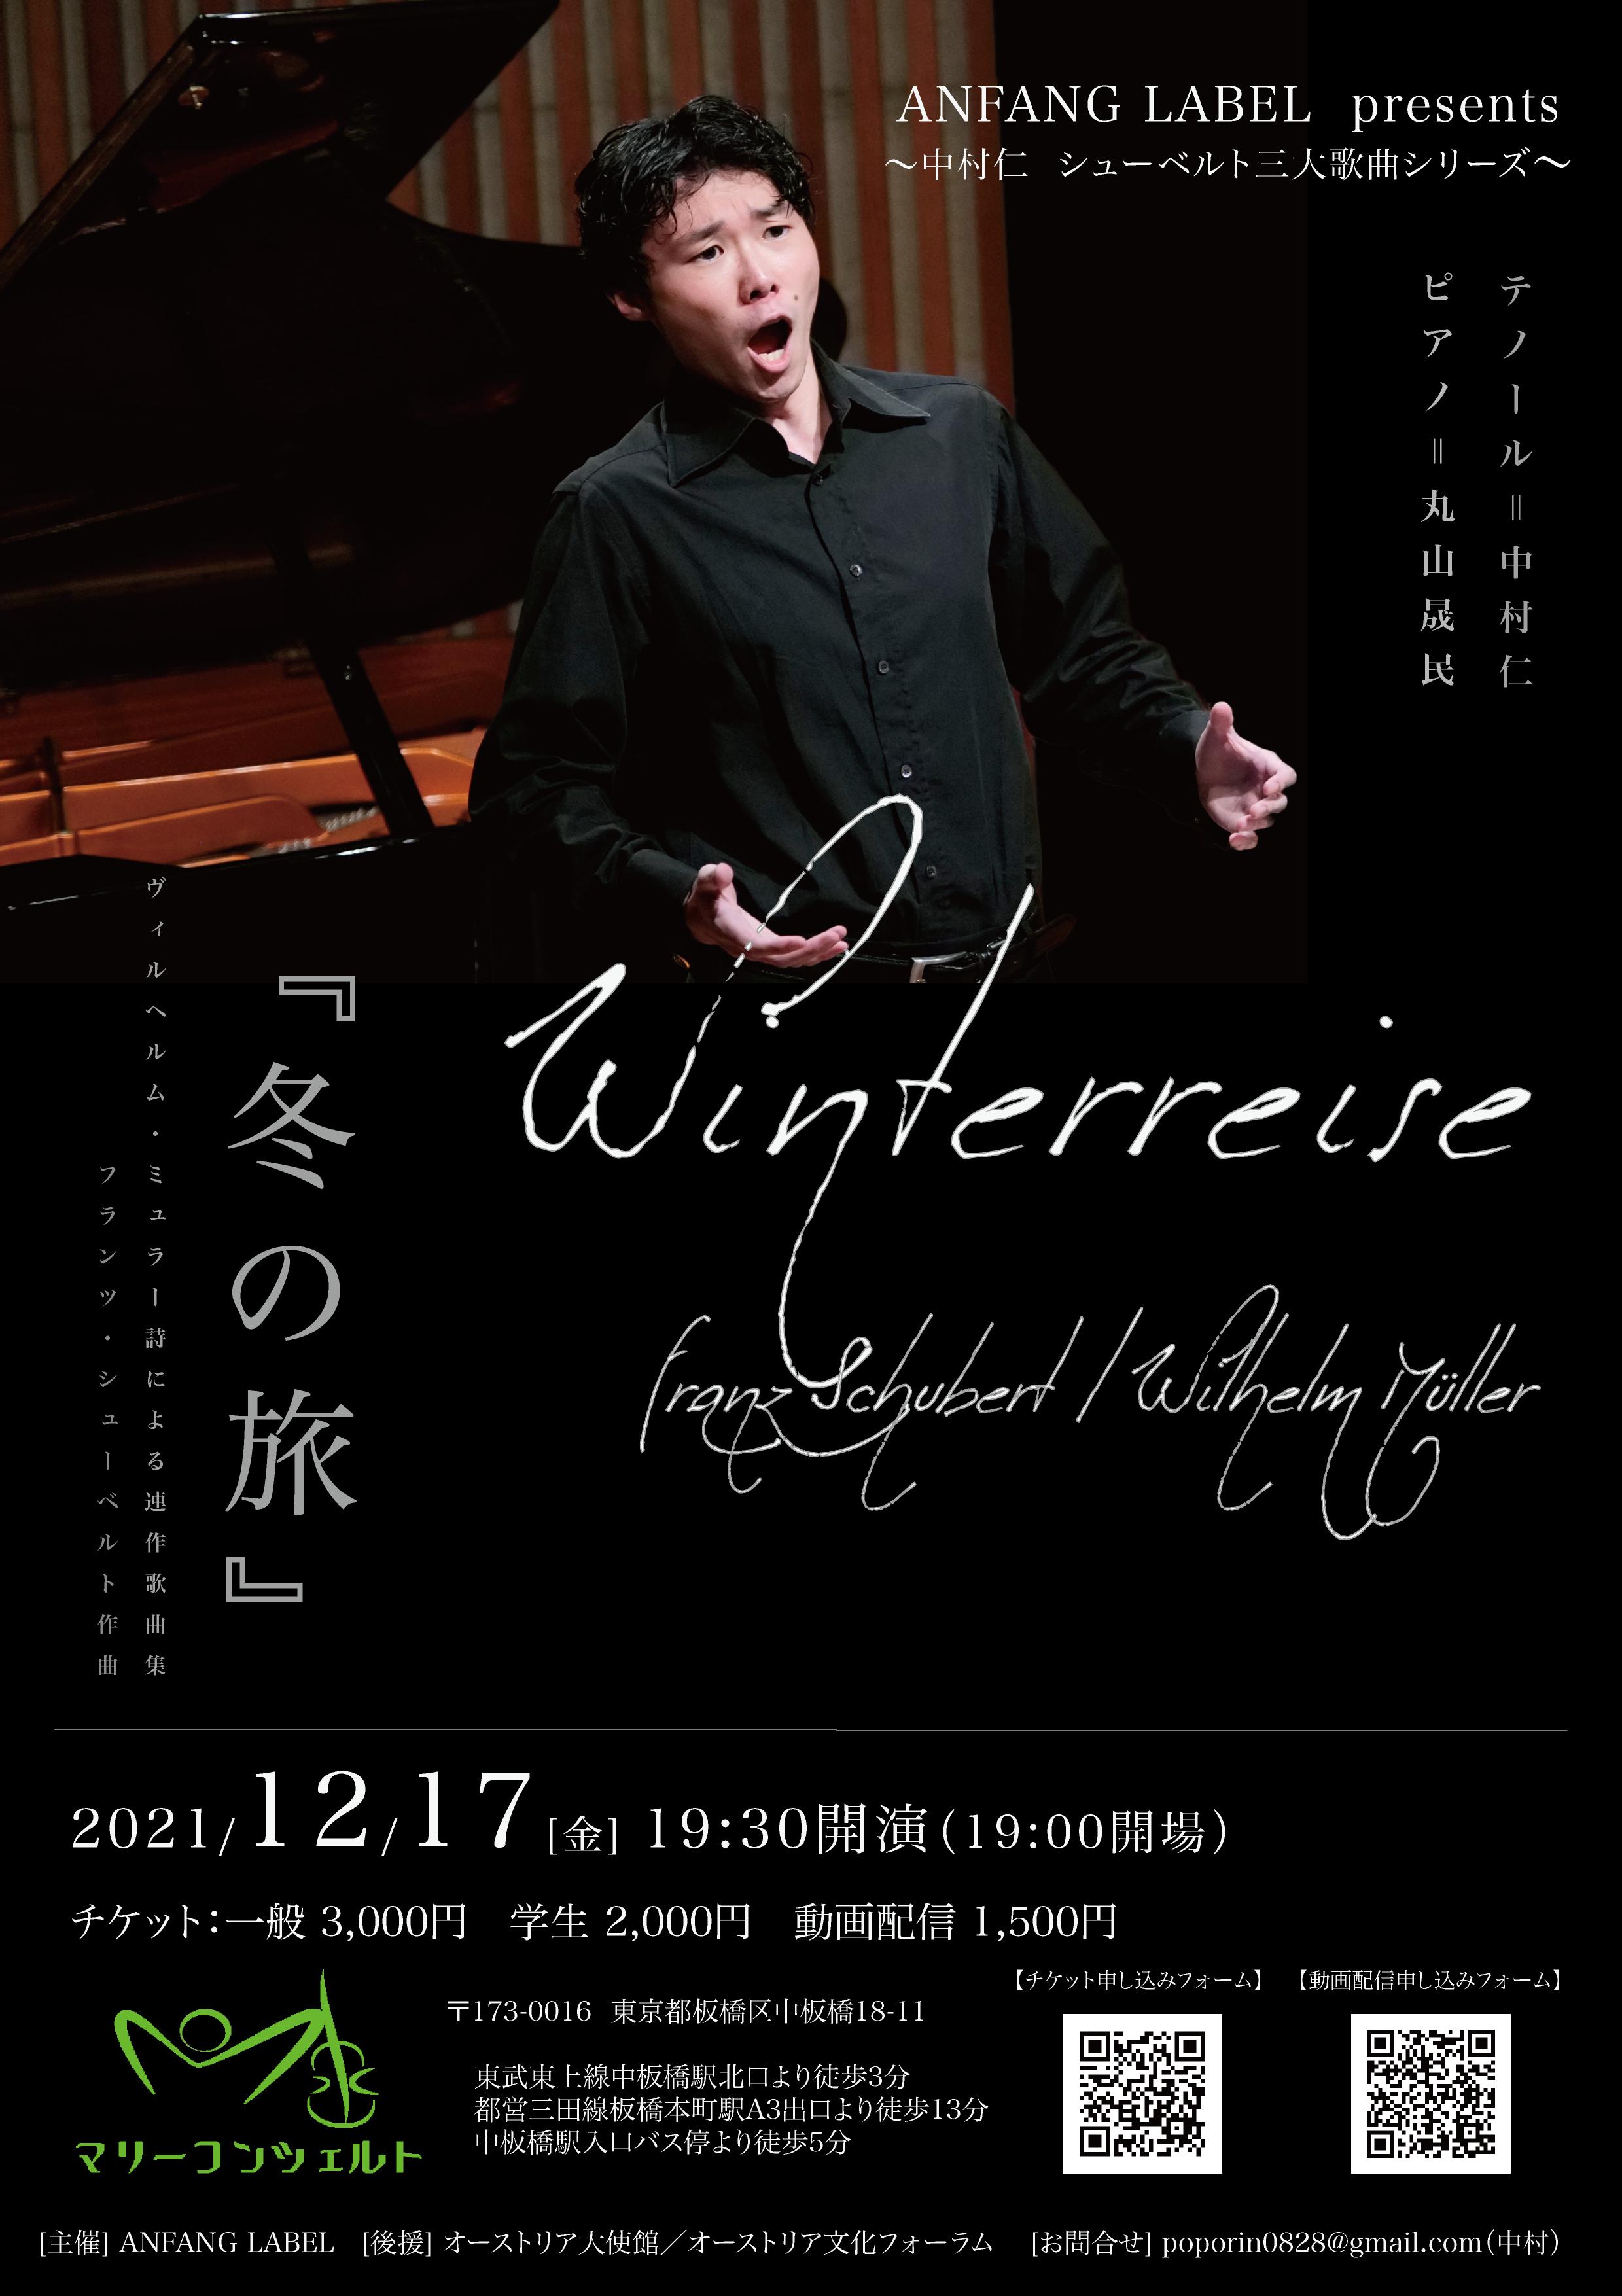 シューベルト『冬の旅』演奏会